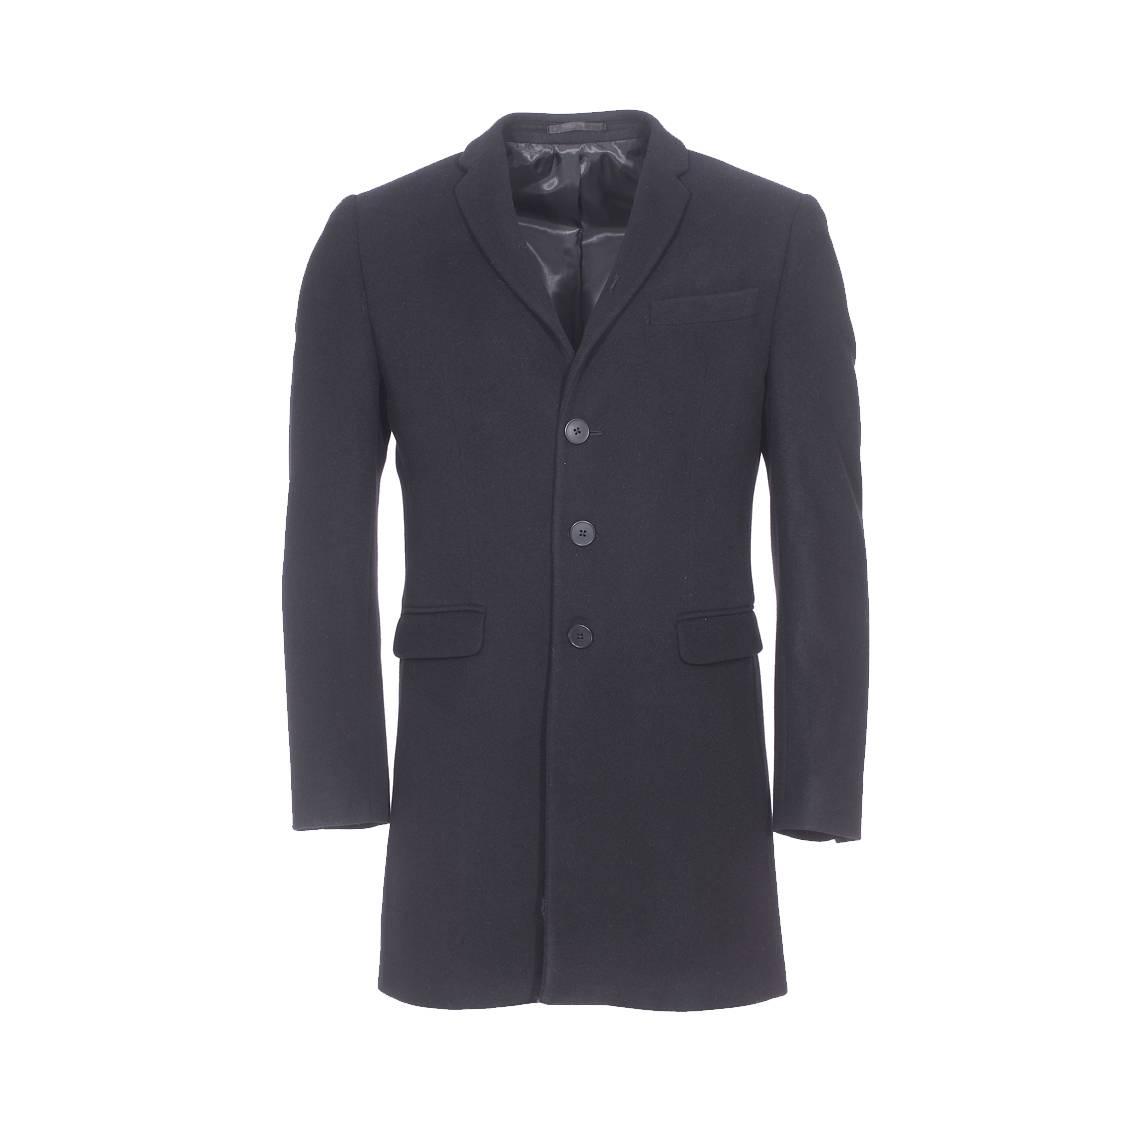 manteau gianni ferrucci en laine et cachemire noir rue des hommes. Black Bedroom Furniture Sets. Home Design Ideas